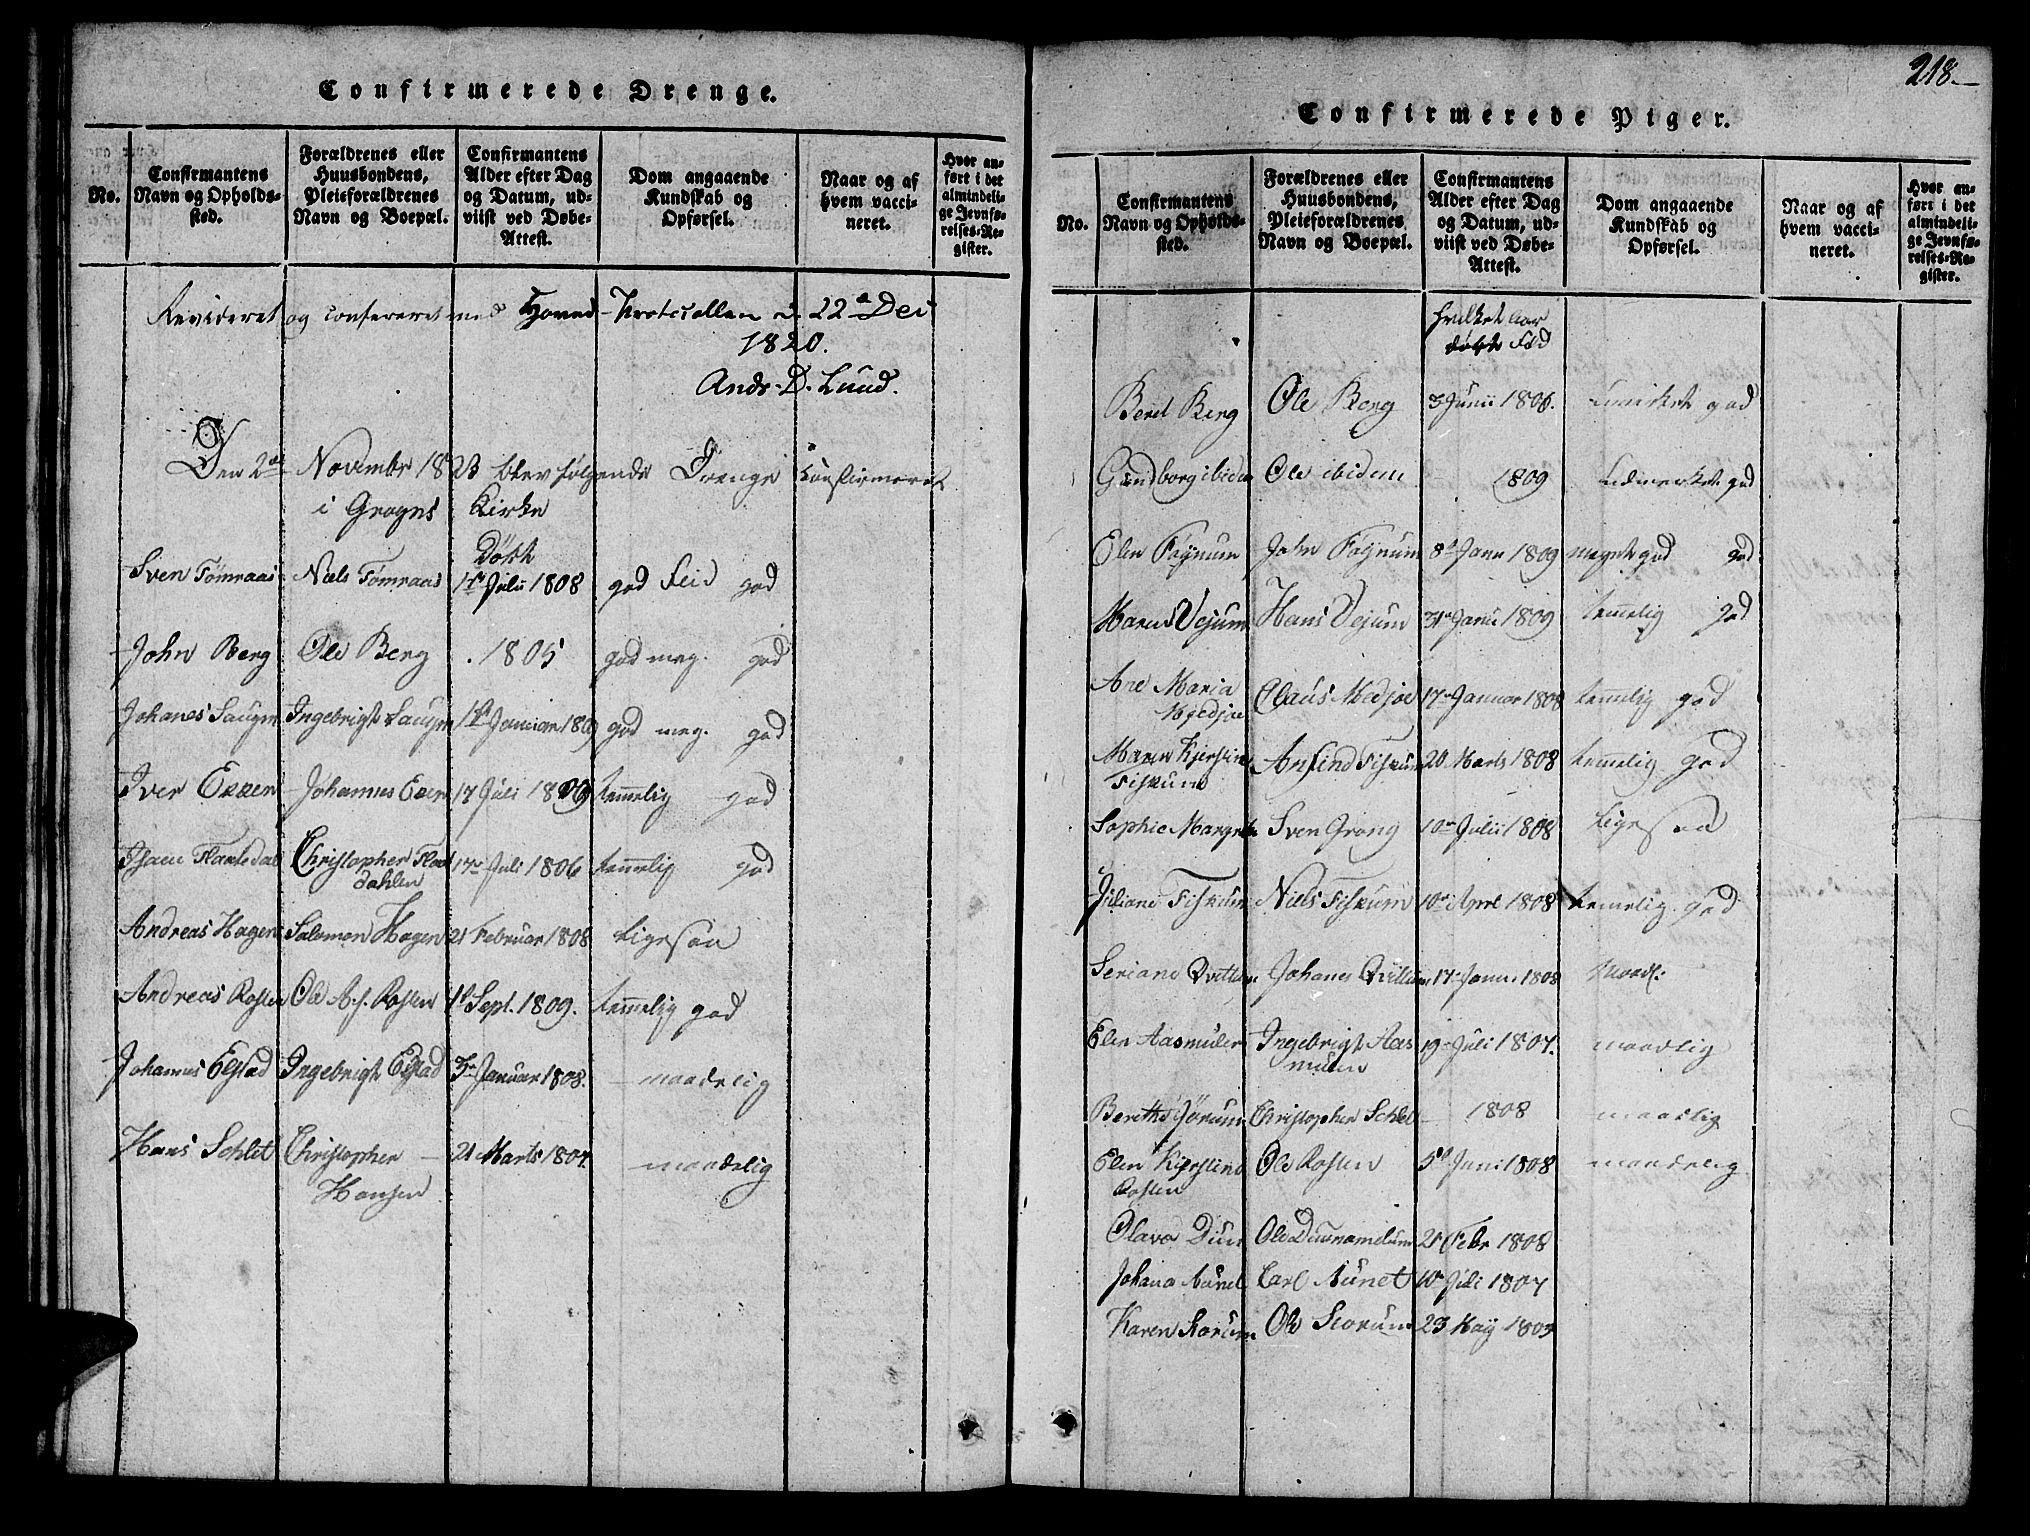 SAT, Ministerialprotokoller, klokkerbøker og fødselsregistre - Nord-Trøndelag, 758/L0521: Klokkerbok nr. 758C01, 1816-1825, s. 218